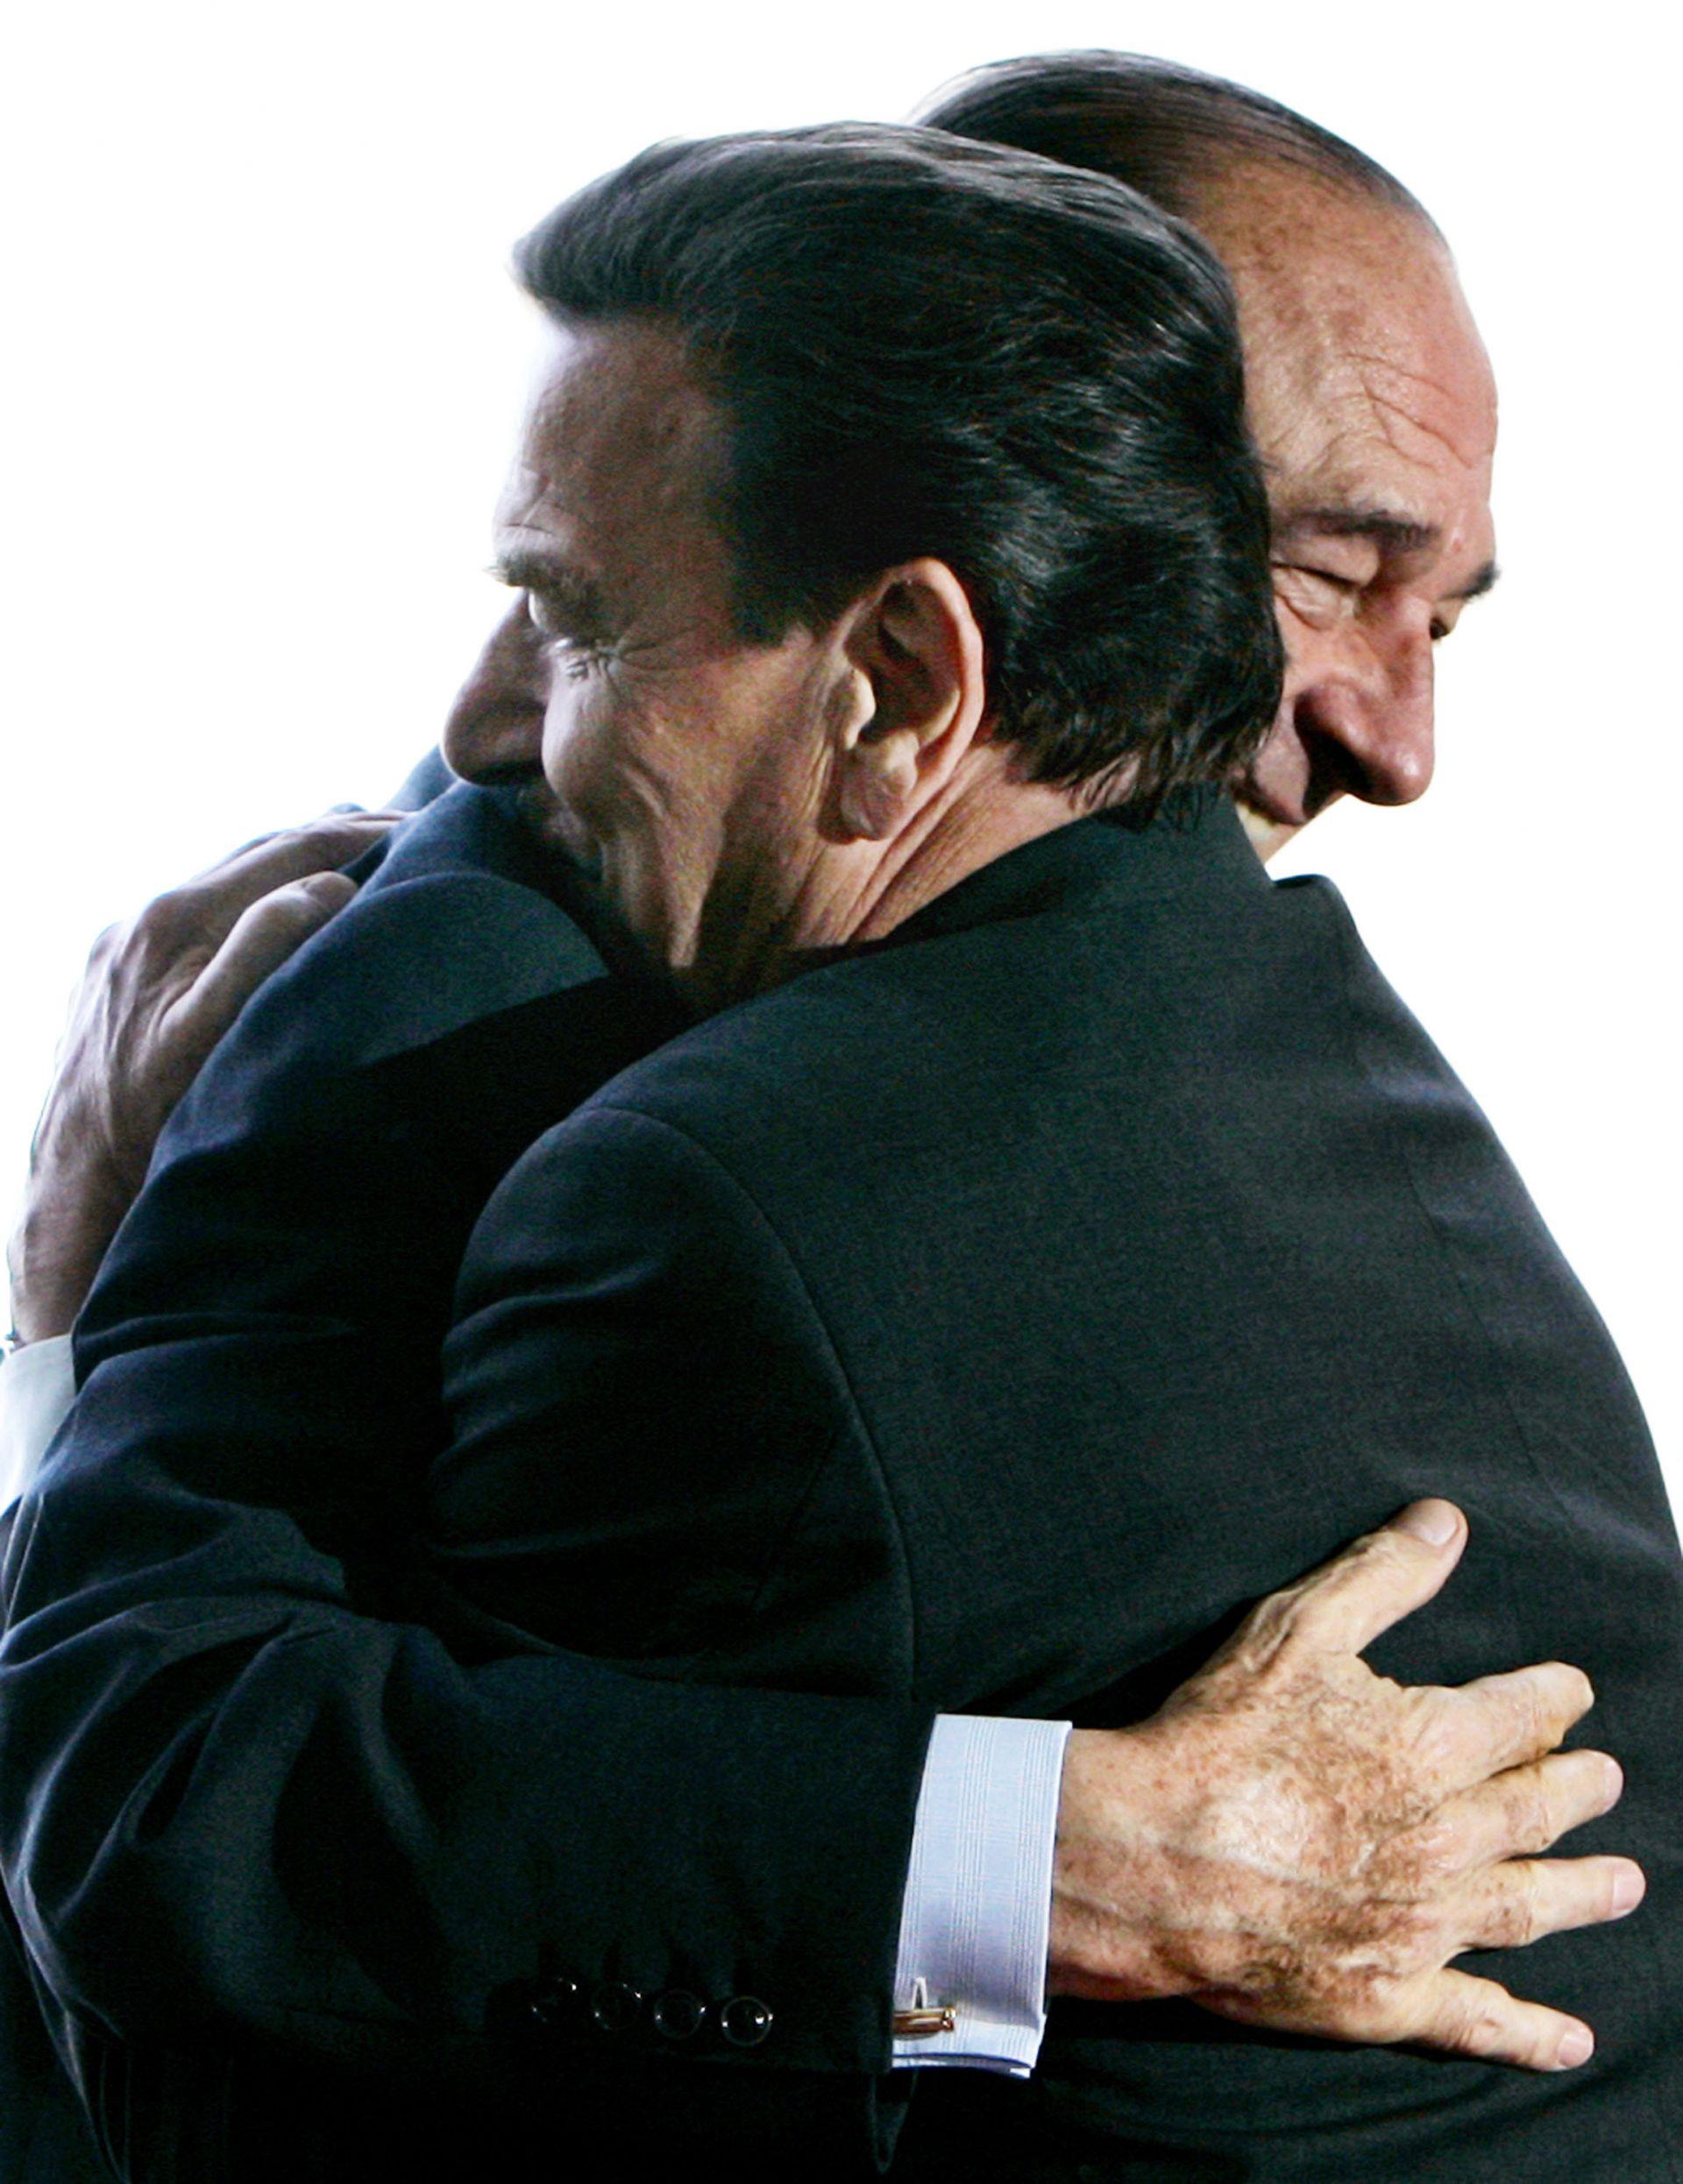 Бившият германски канцлер Герхард Шрьодер каза, че Ширак е бил велик европеец и негов личен приятел.